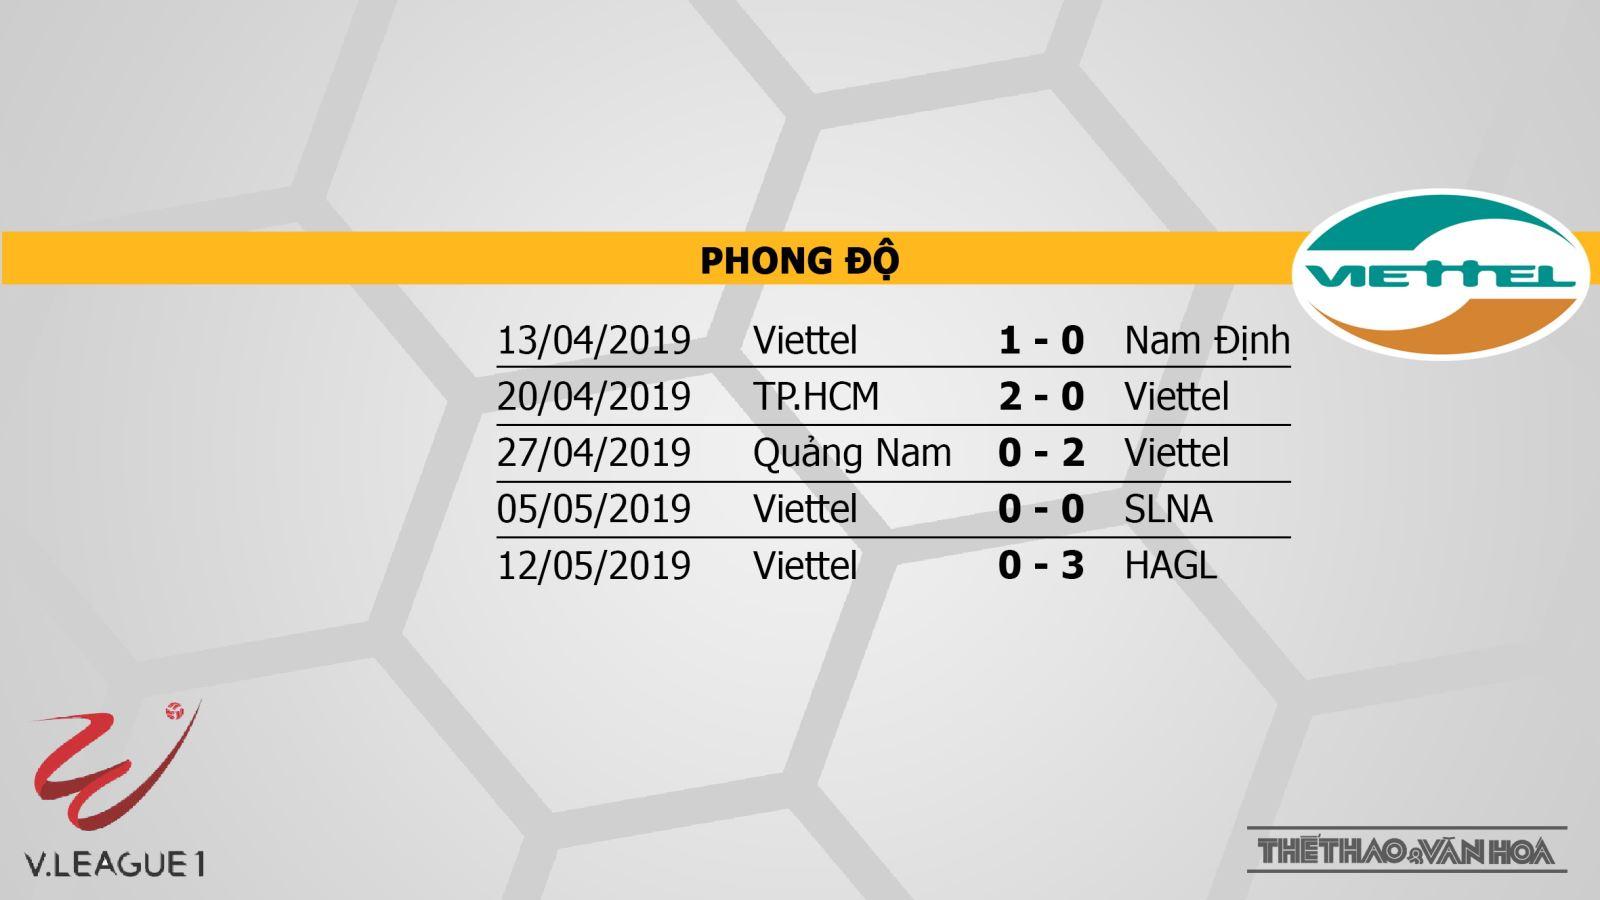 VTV6, Sài Gòn vs Viettel, Sai Gon, viettel, truc tiep bong da, trực tiếp bóng đá, truc tiep bong da vtv6, FPT, BĐTV, K+, lịch thi đấu v league, v league 2019